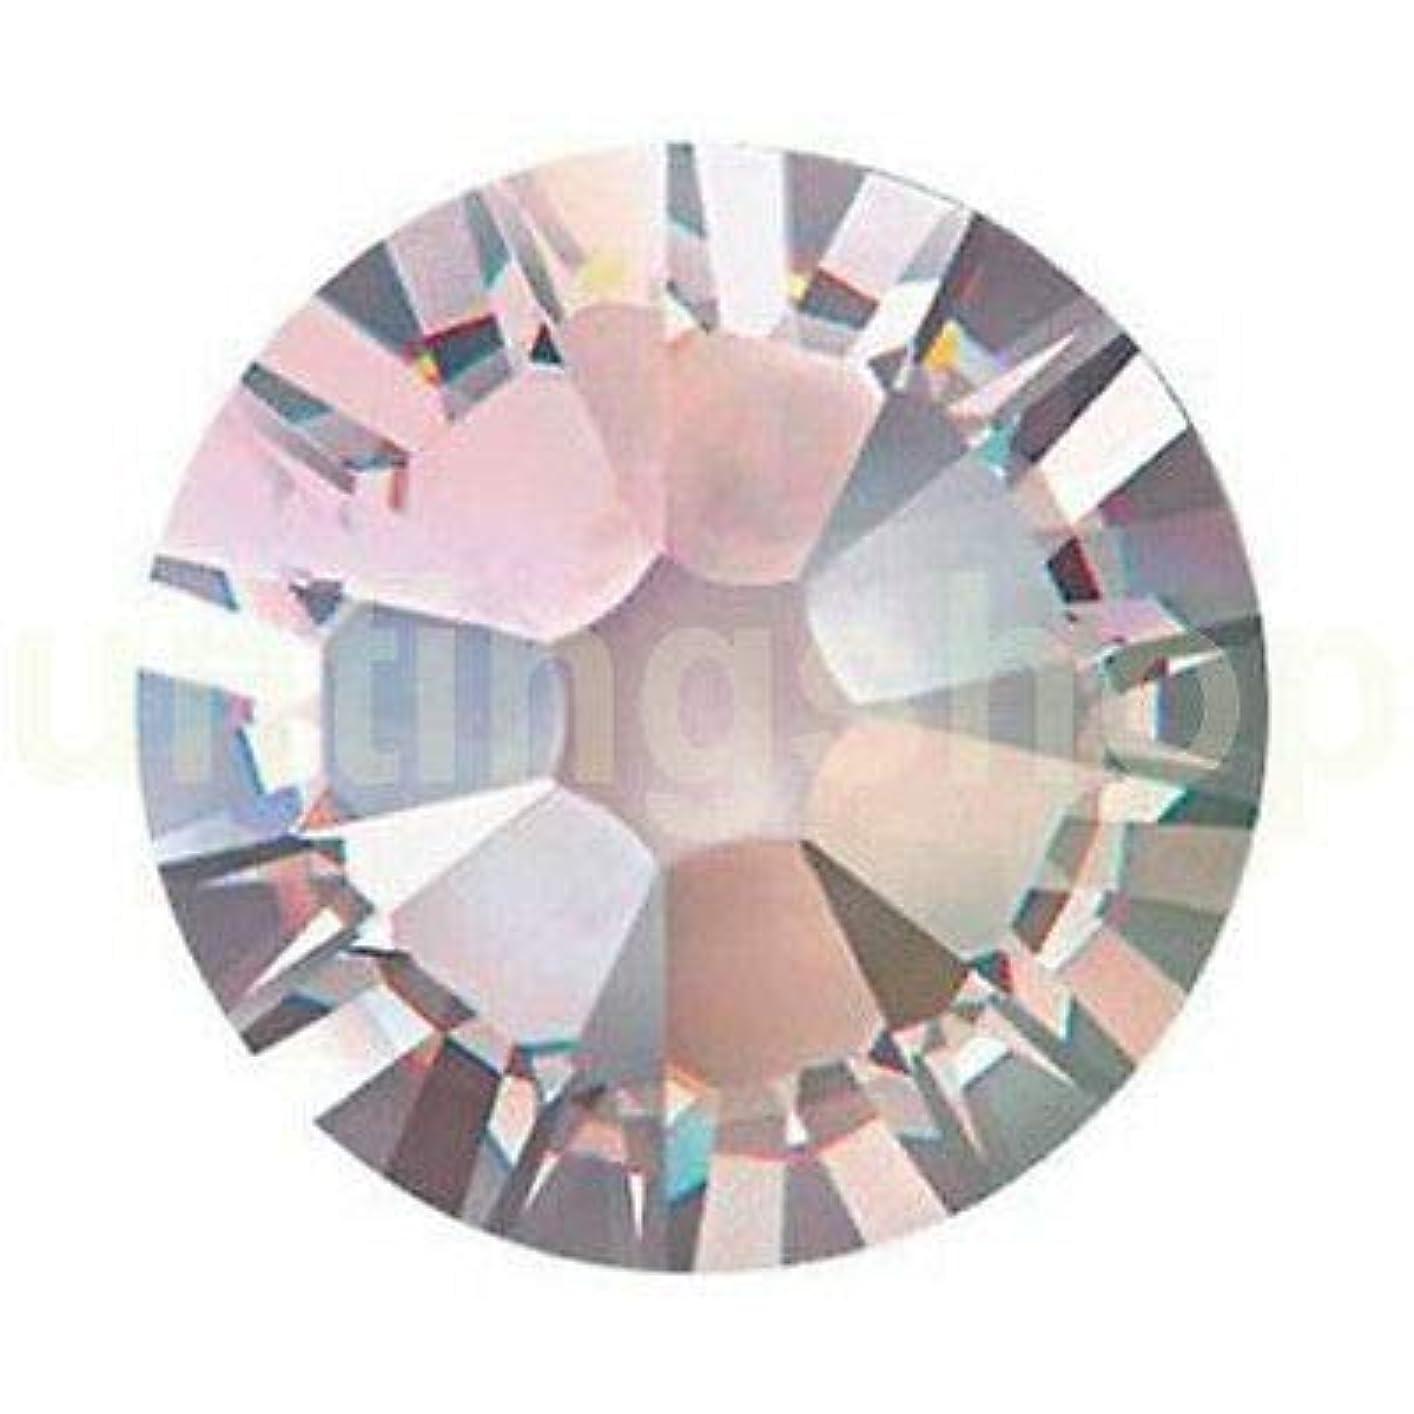 トースト早い貝殻FidgetGear DIY 1.3-8.5 mmクリスタルヒラタラインストーンネイルアートデコレーションSS3-SS40 クリスタルAB